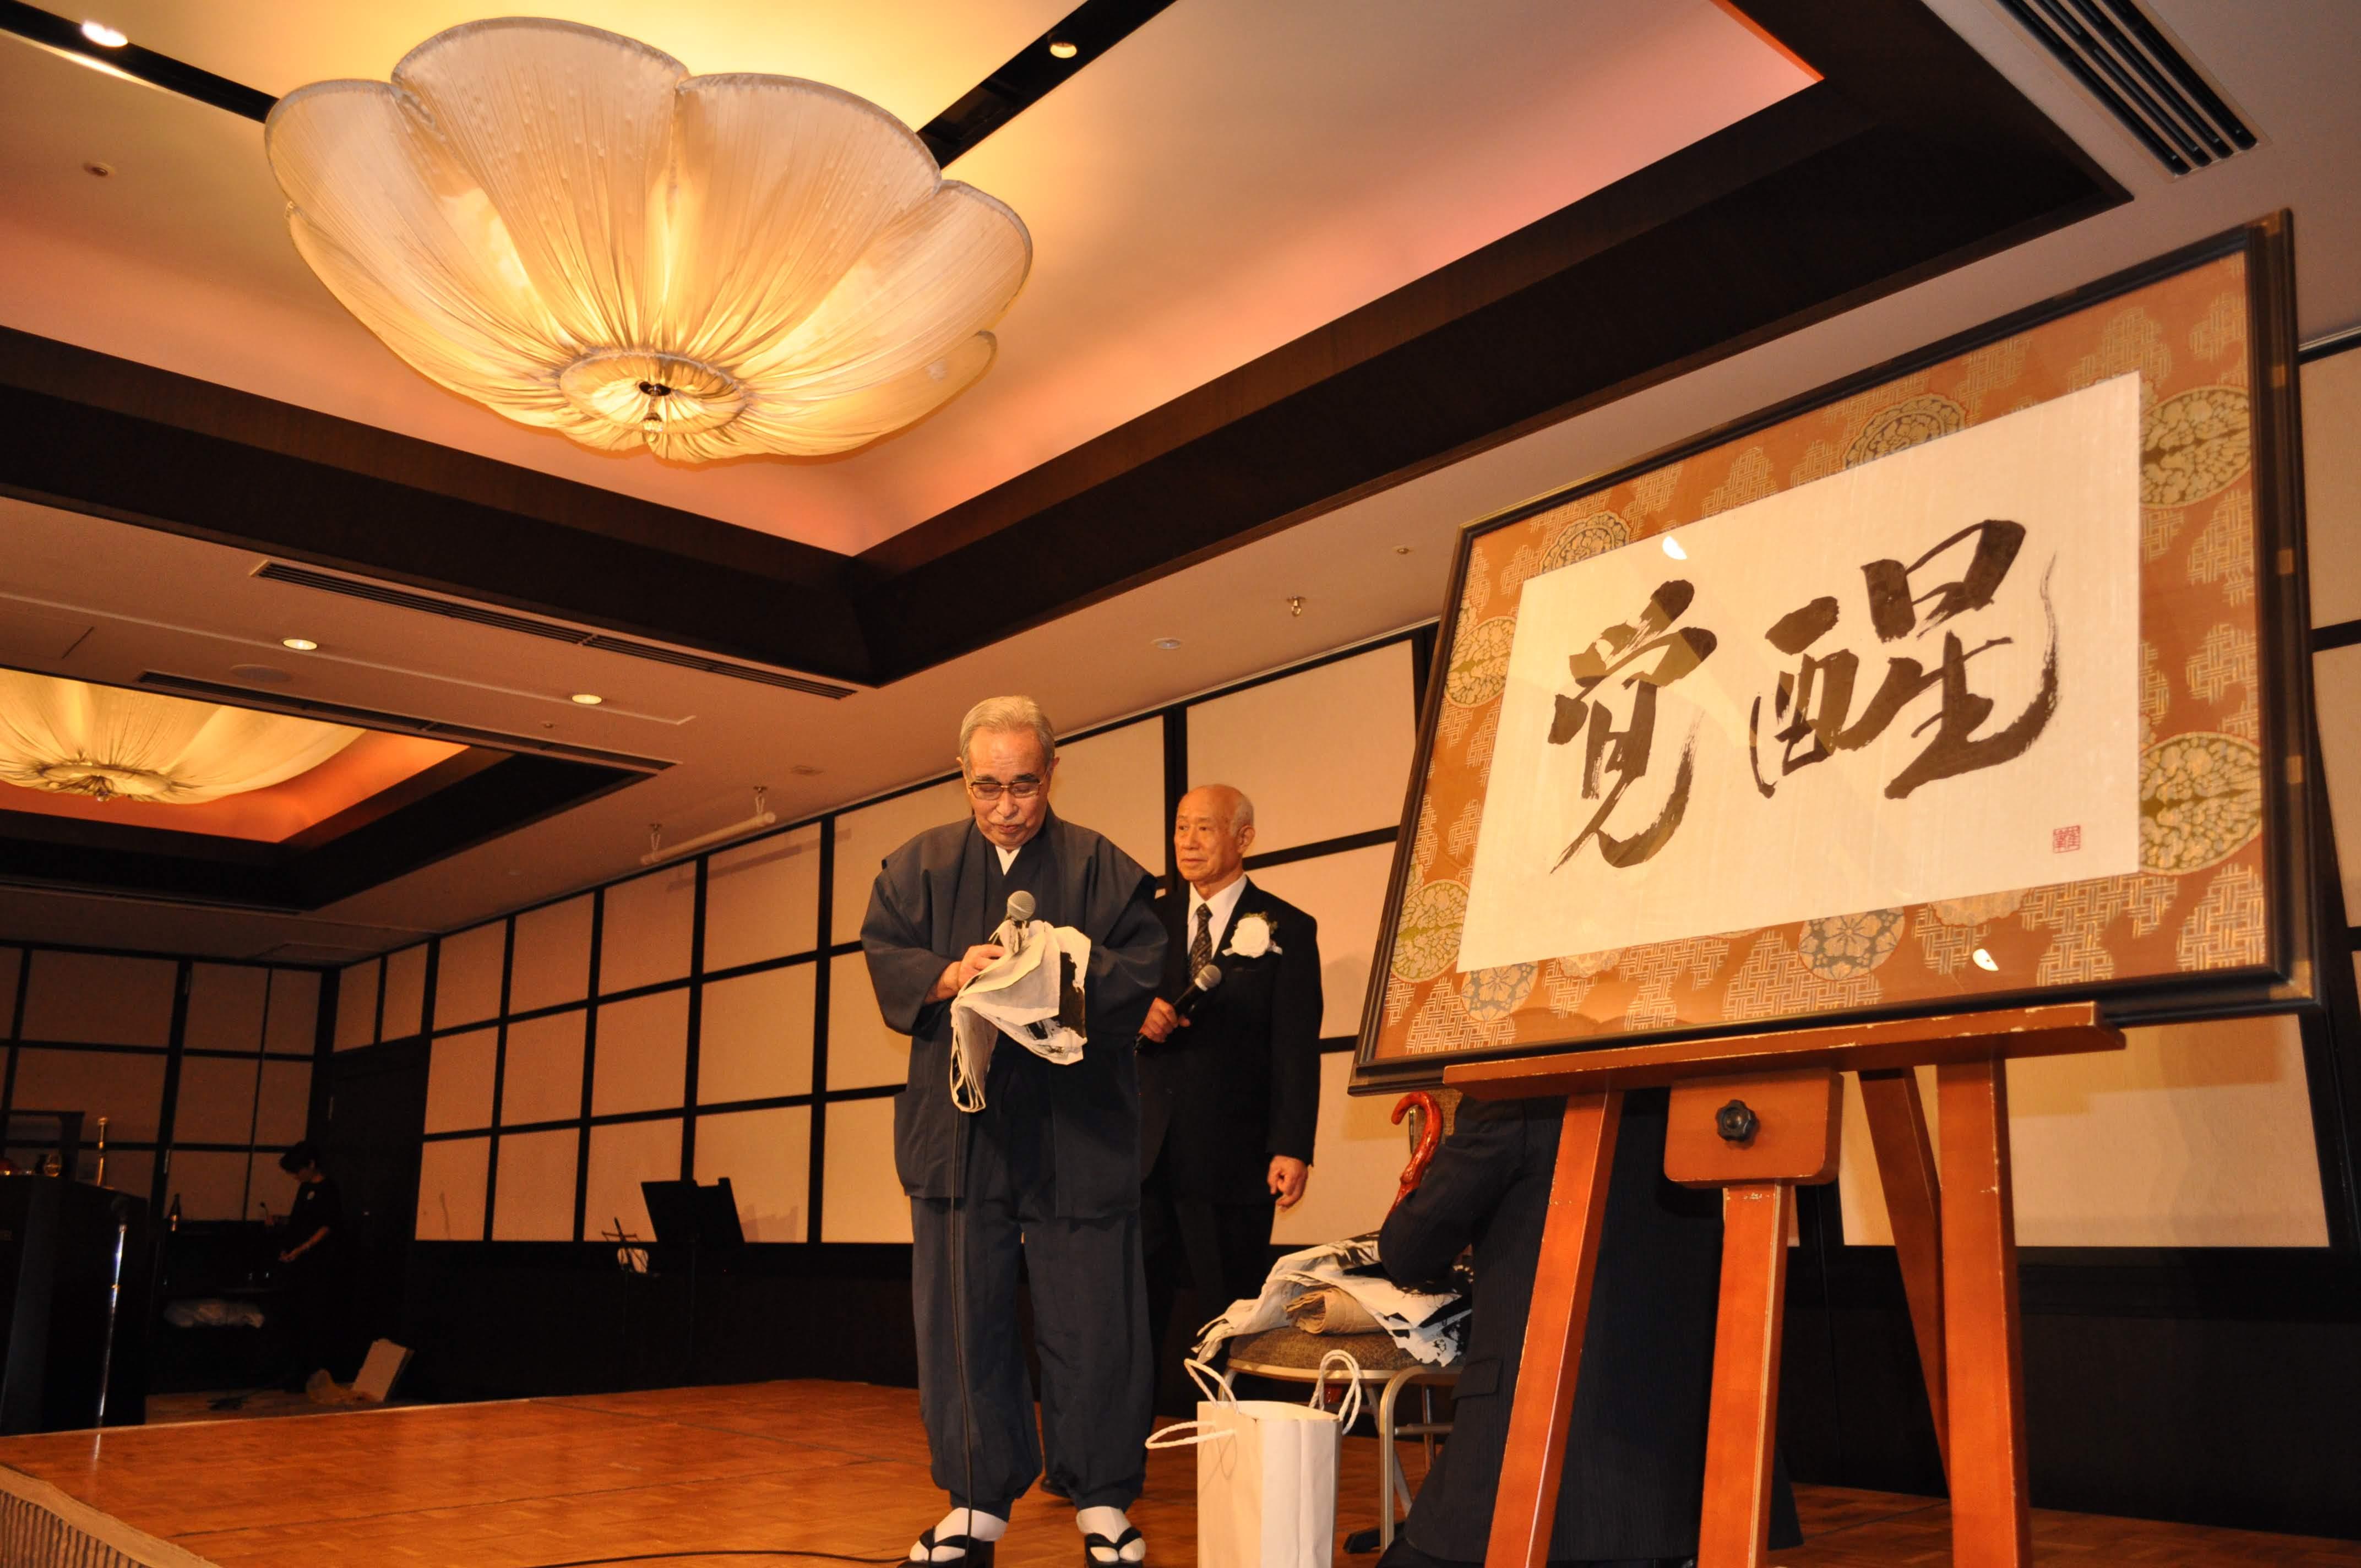 DSC 0539 1 - 思風会全国大会in広島